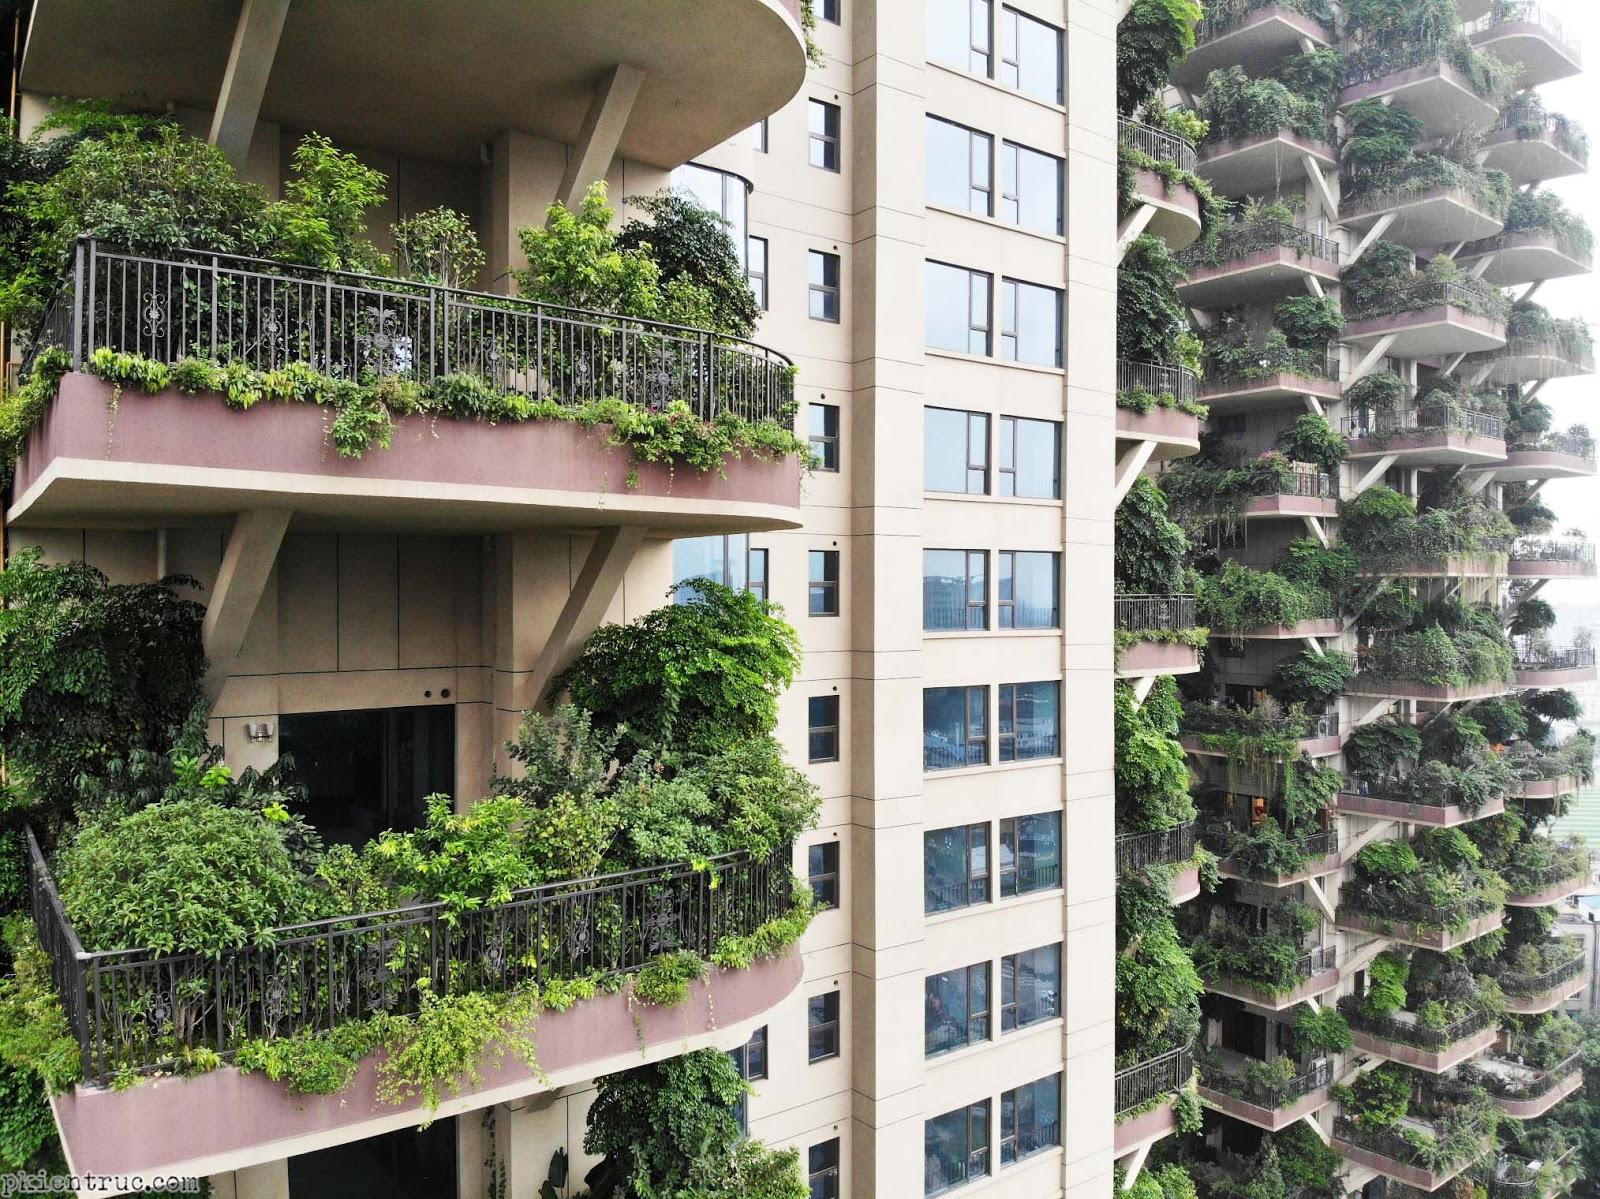 Chung cư biến thành khu rừng thẳng đứng 30 tầng